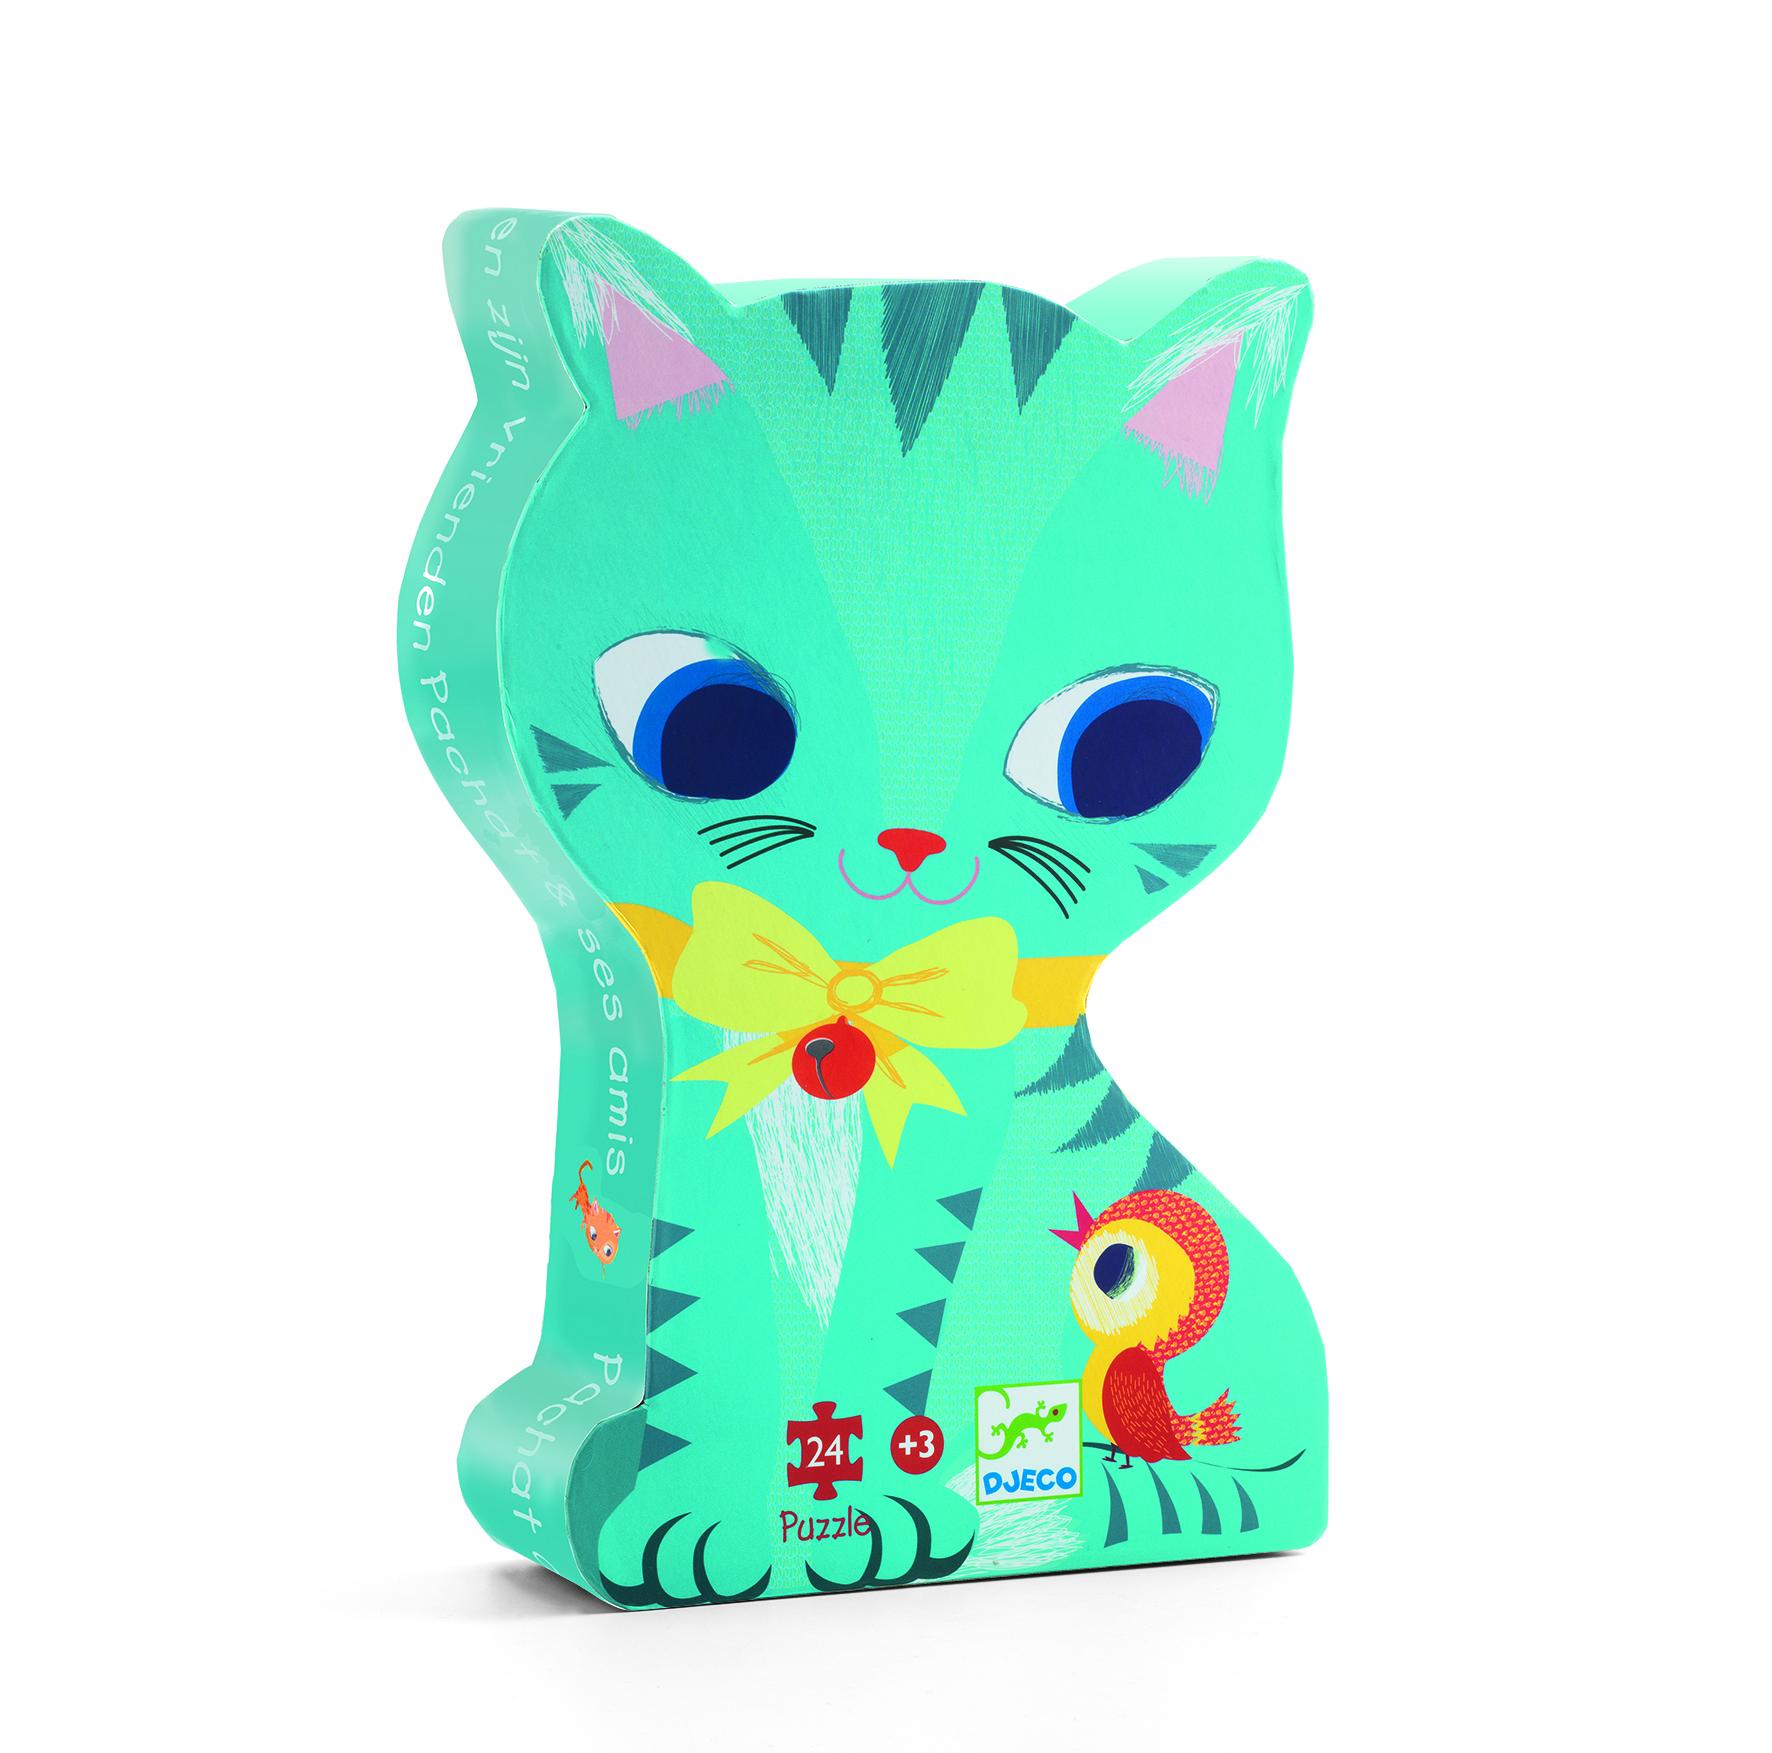 Djeco 7207 Silhouette Puzzle Katze